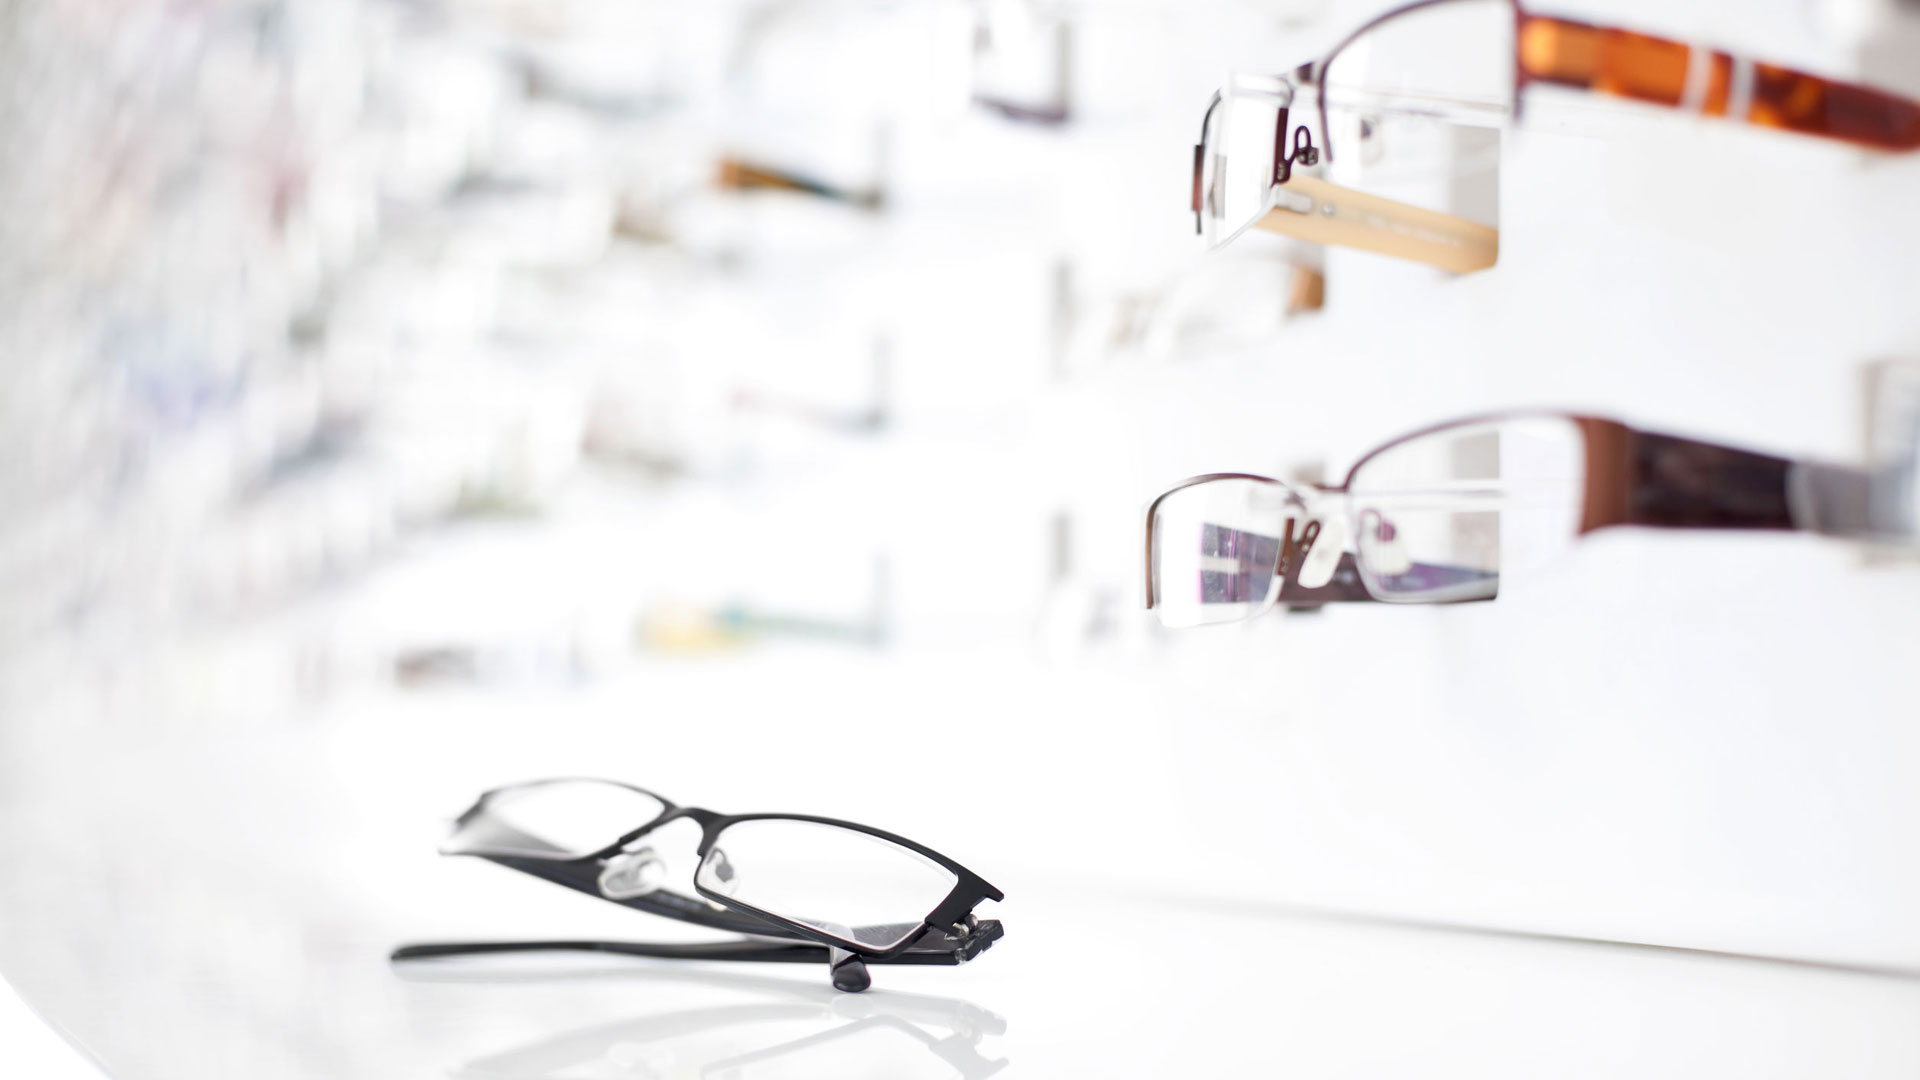 Silmälasit maksavat edullisimmillaan pari kymppiä – Onko niistä mihinkään  b2b961d295